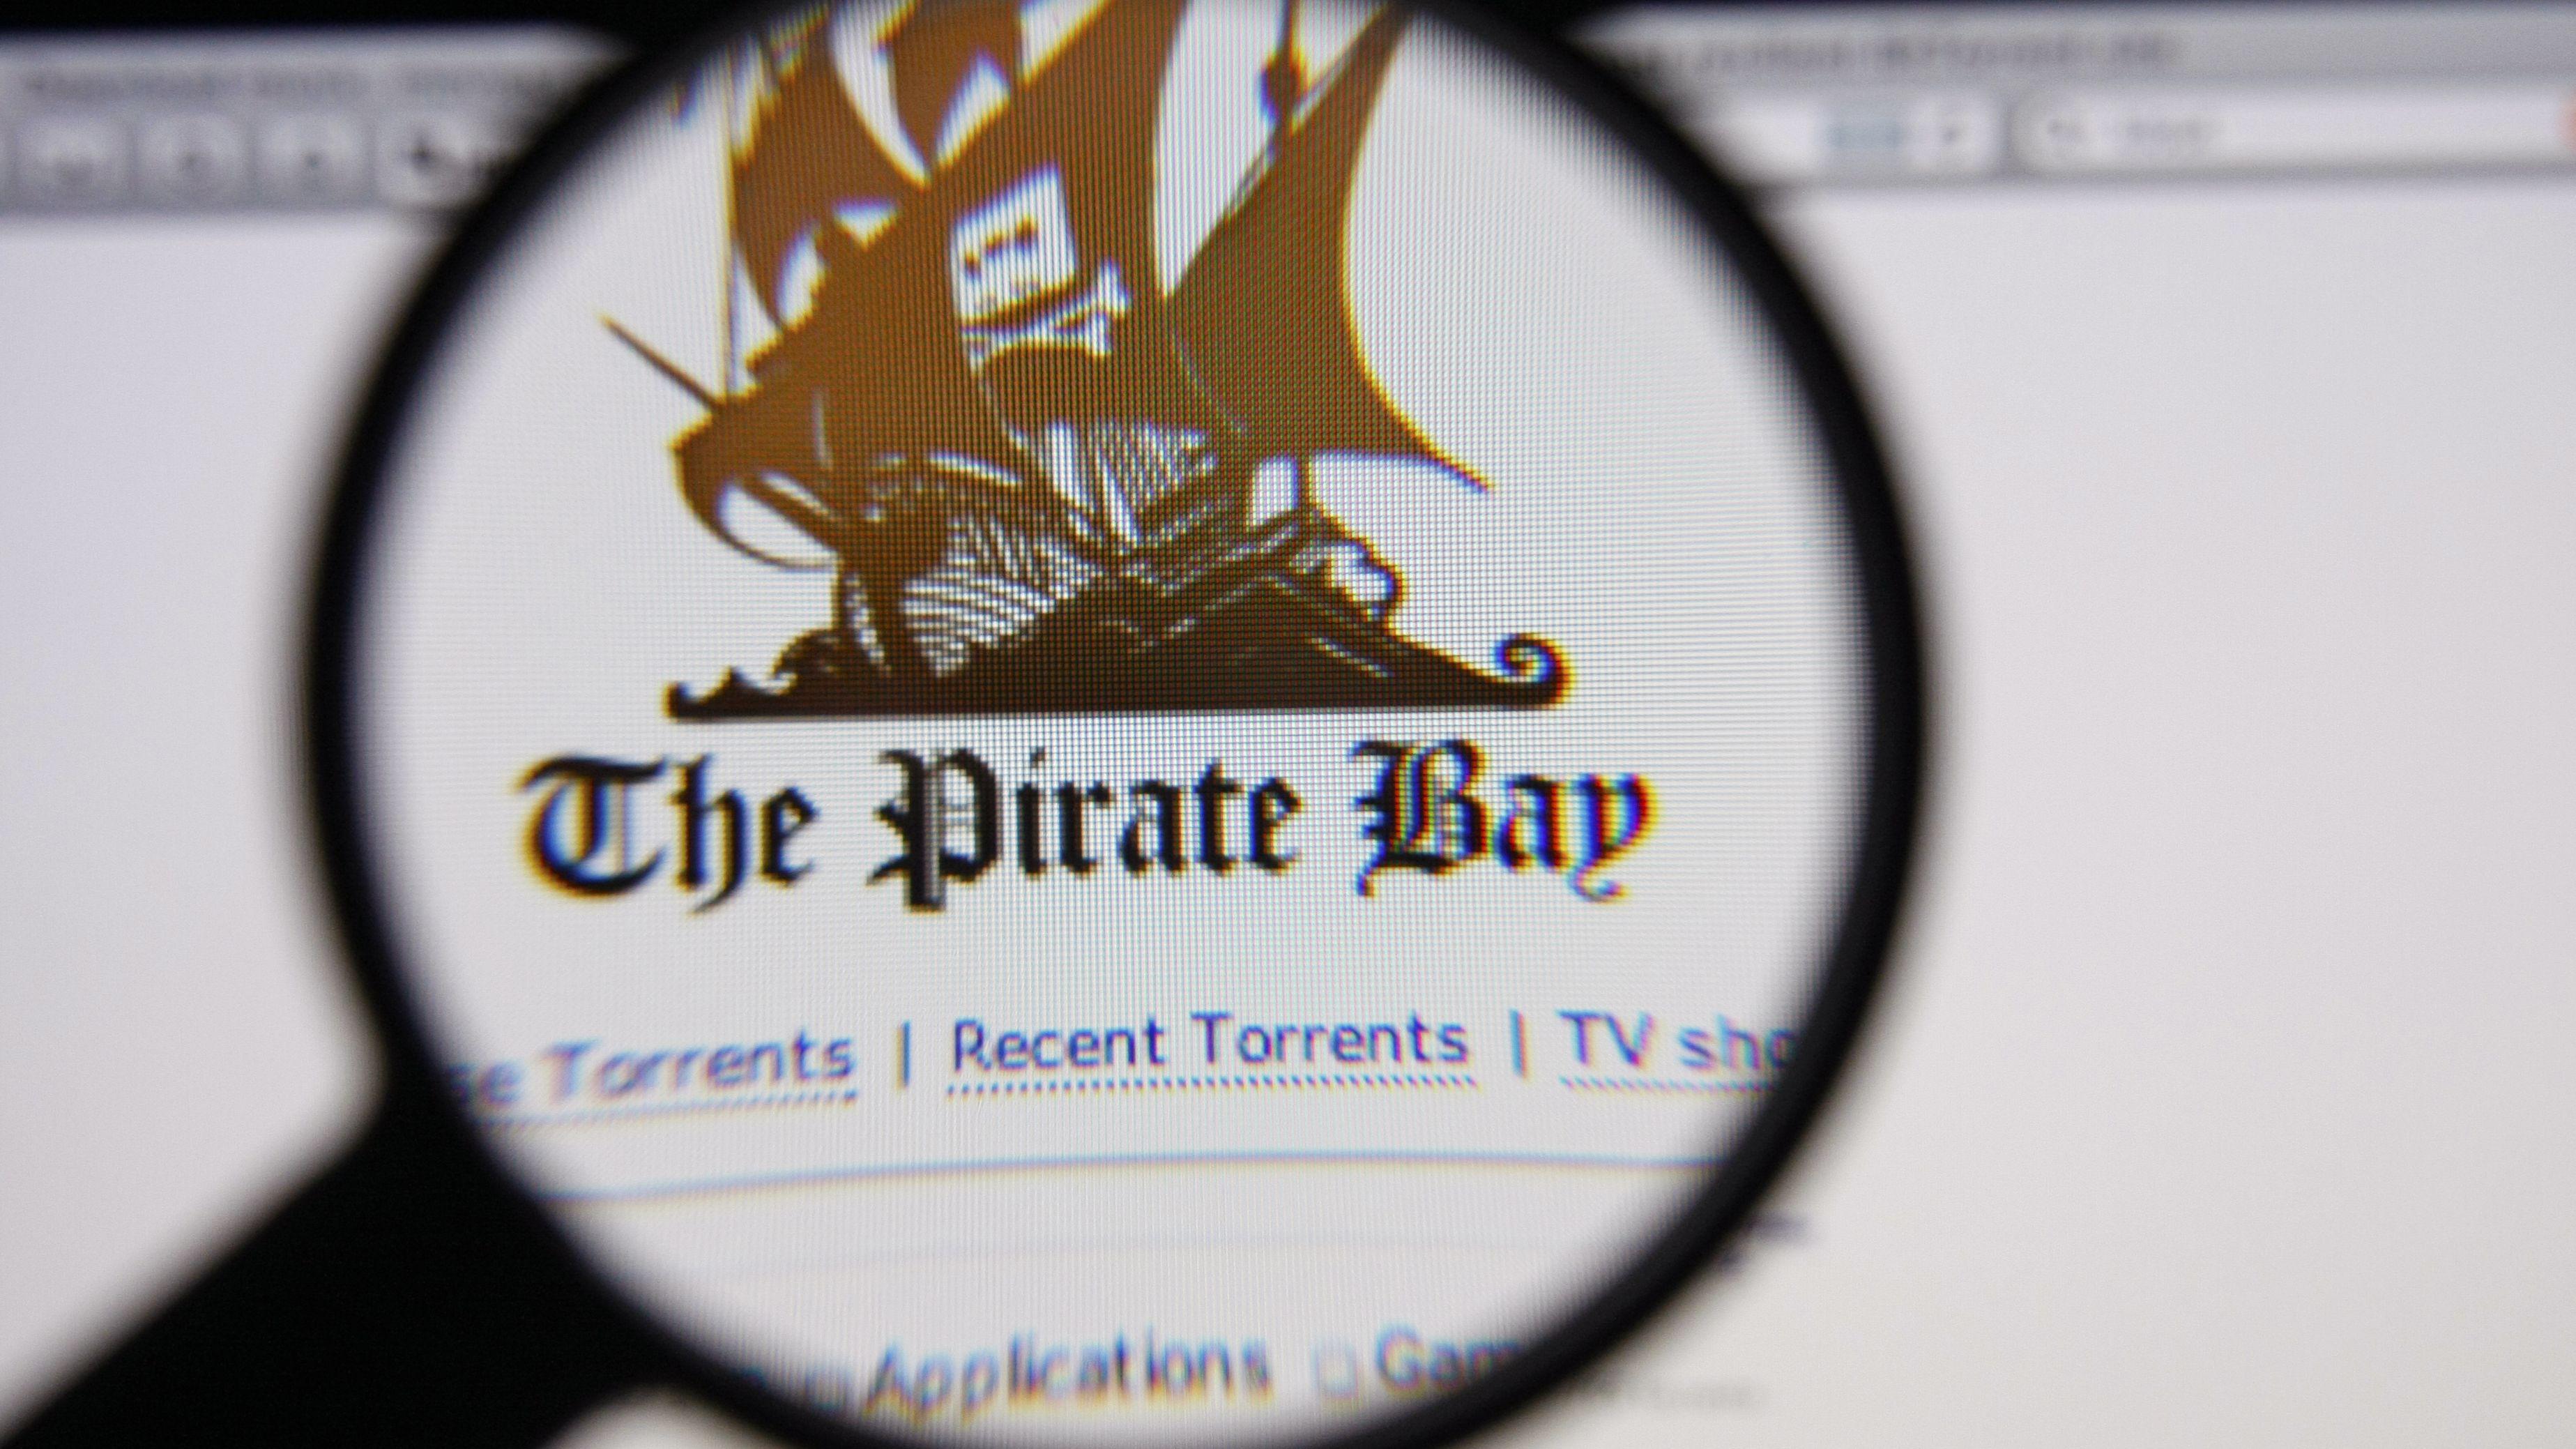 Regissør ba pirater om å laste opp filmen hans på Pirate Bay